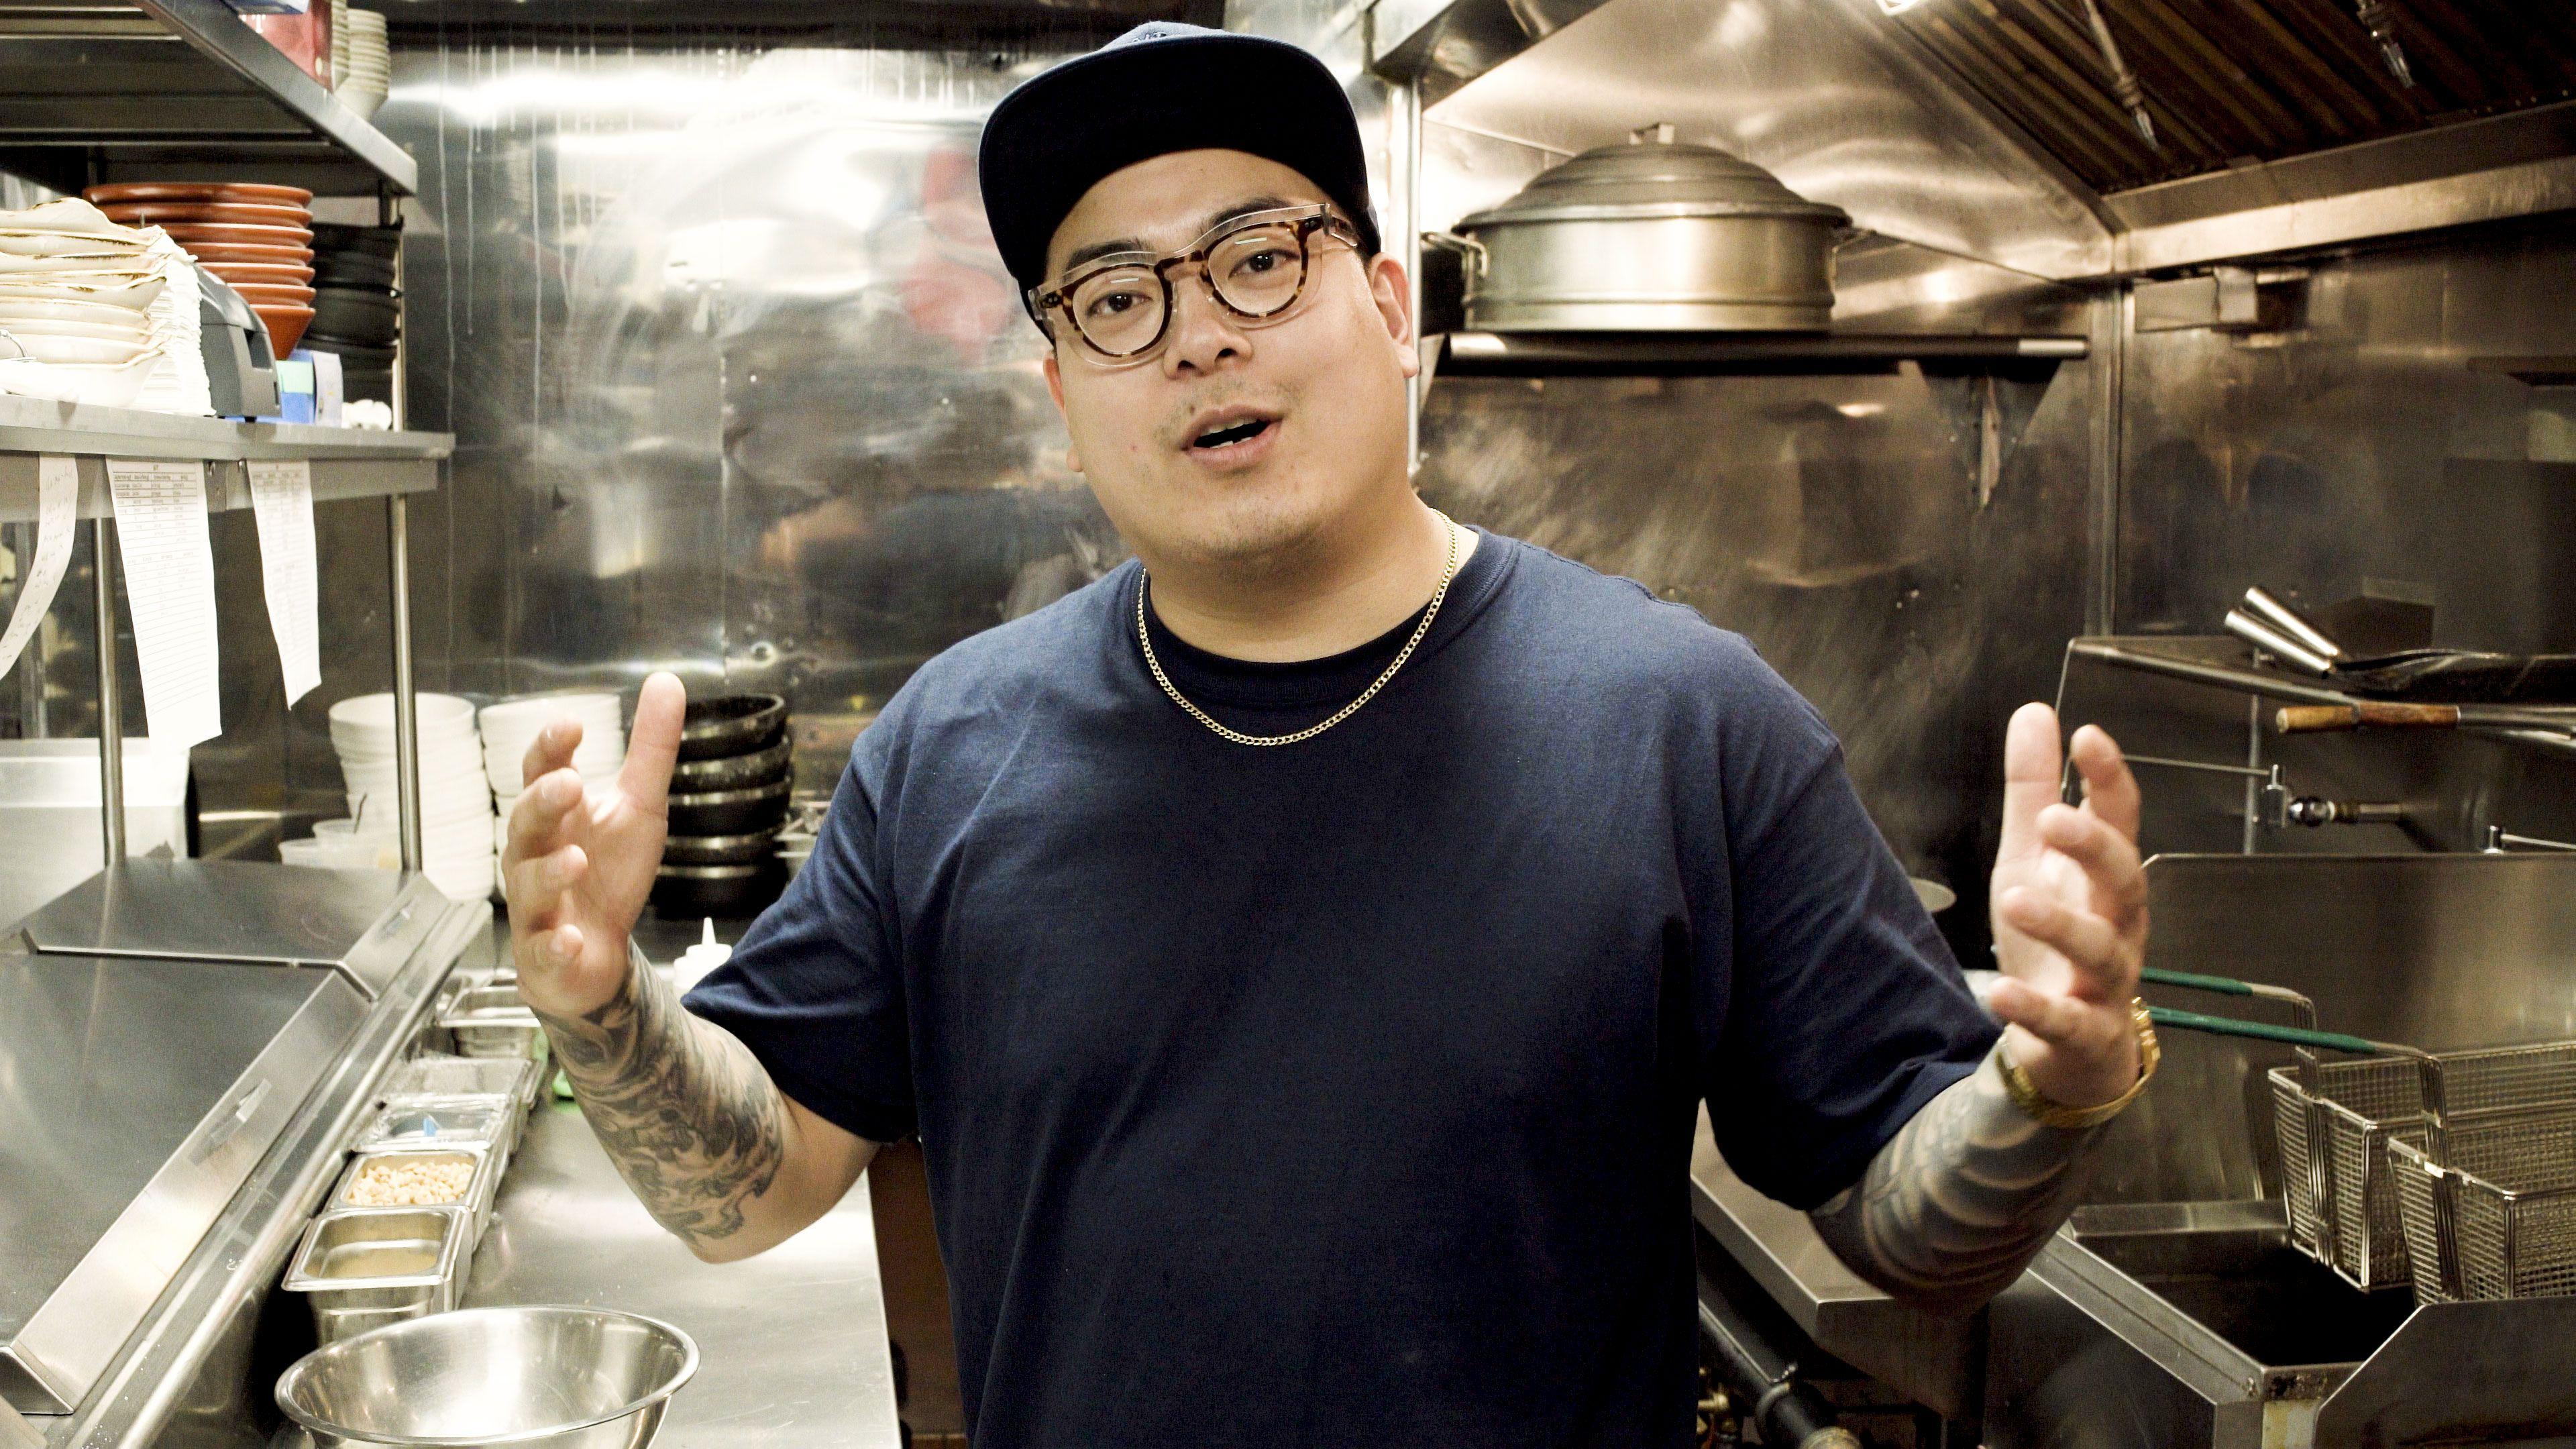 Chef Jae Lee